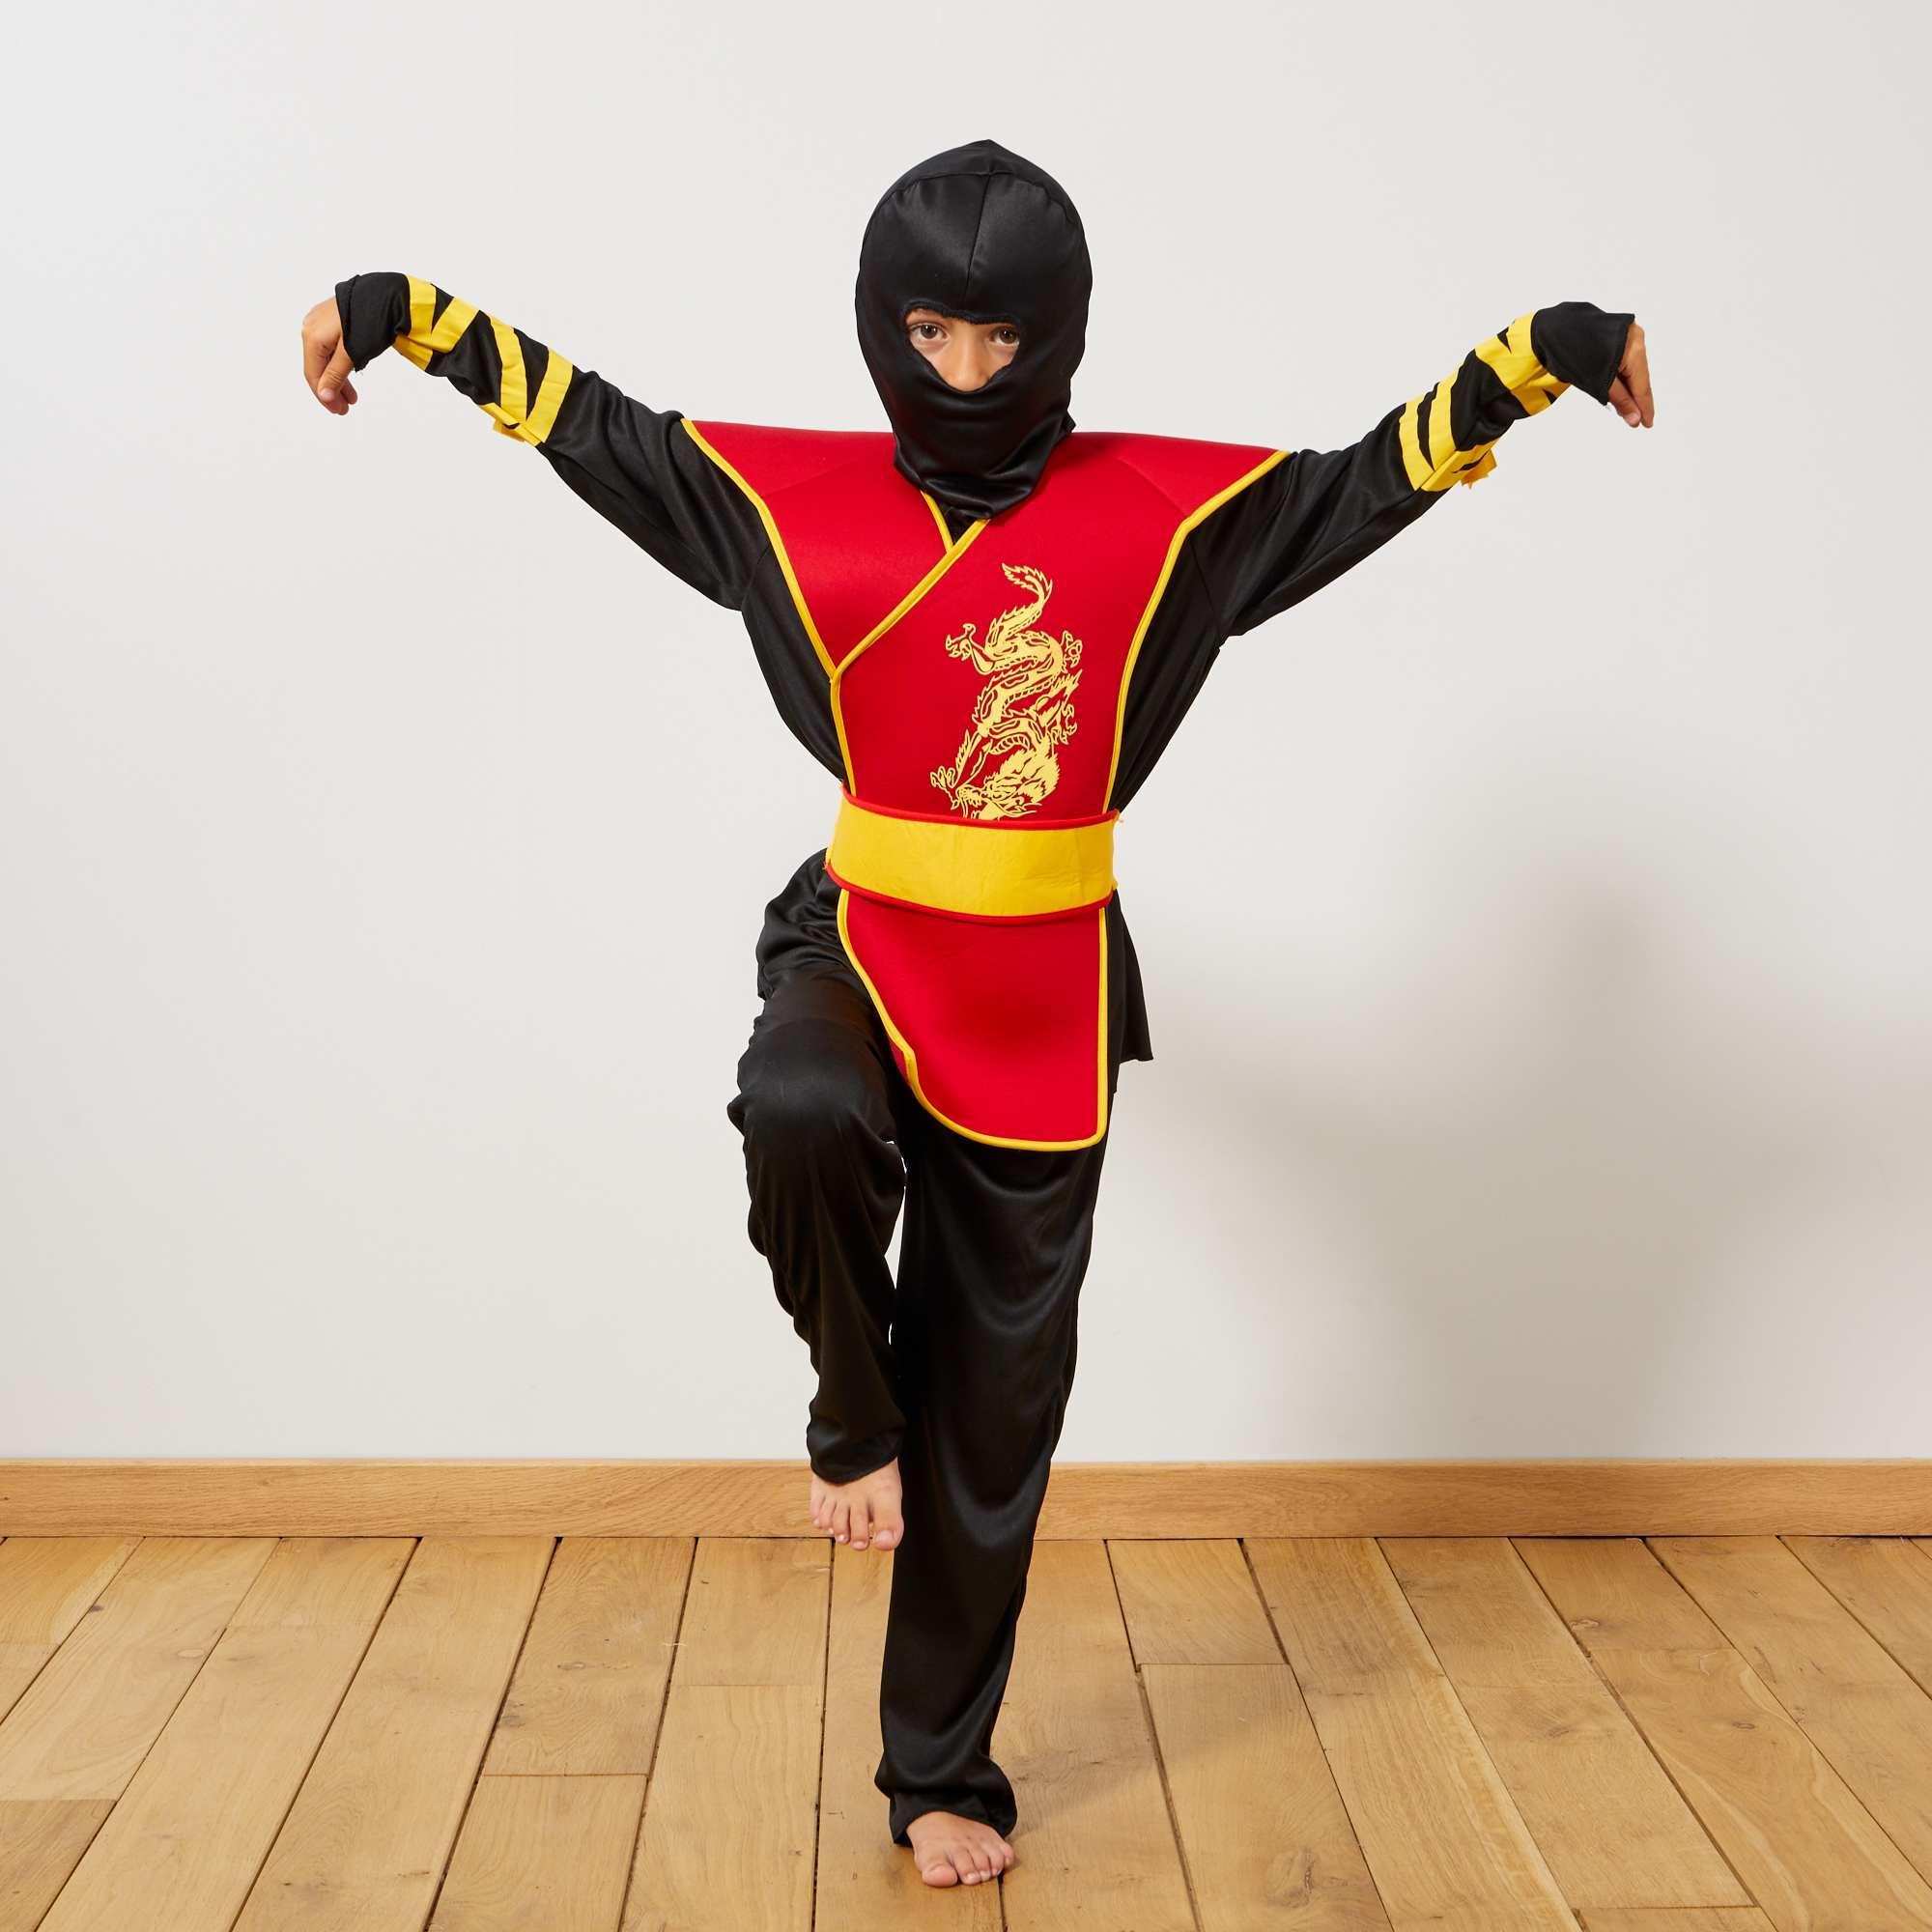 Couleur : noir/rouge, , ,, - Taille : 4/6A, , ,,Un costume qu'il va adorer ! - Déguisement de Ninja - Plastron impirmé devant -